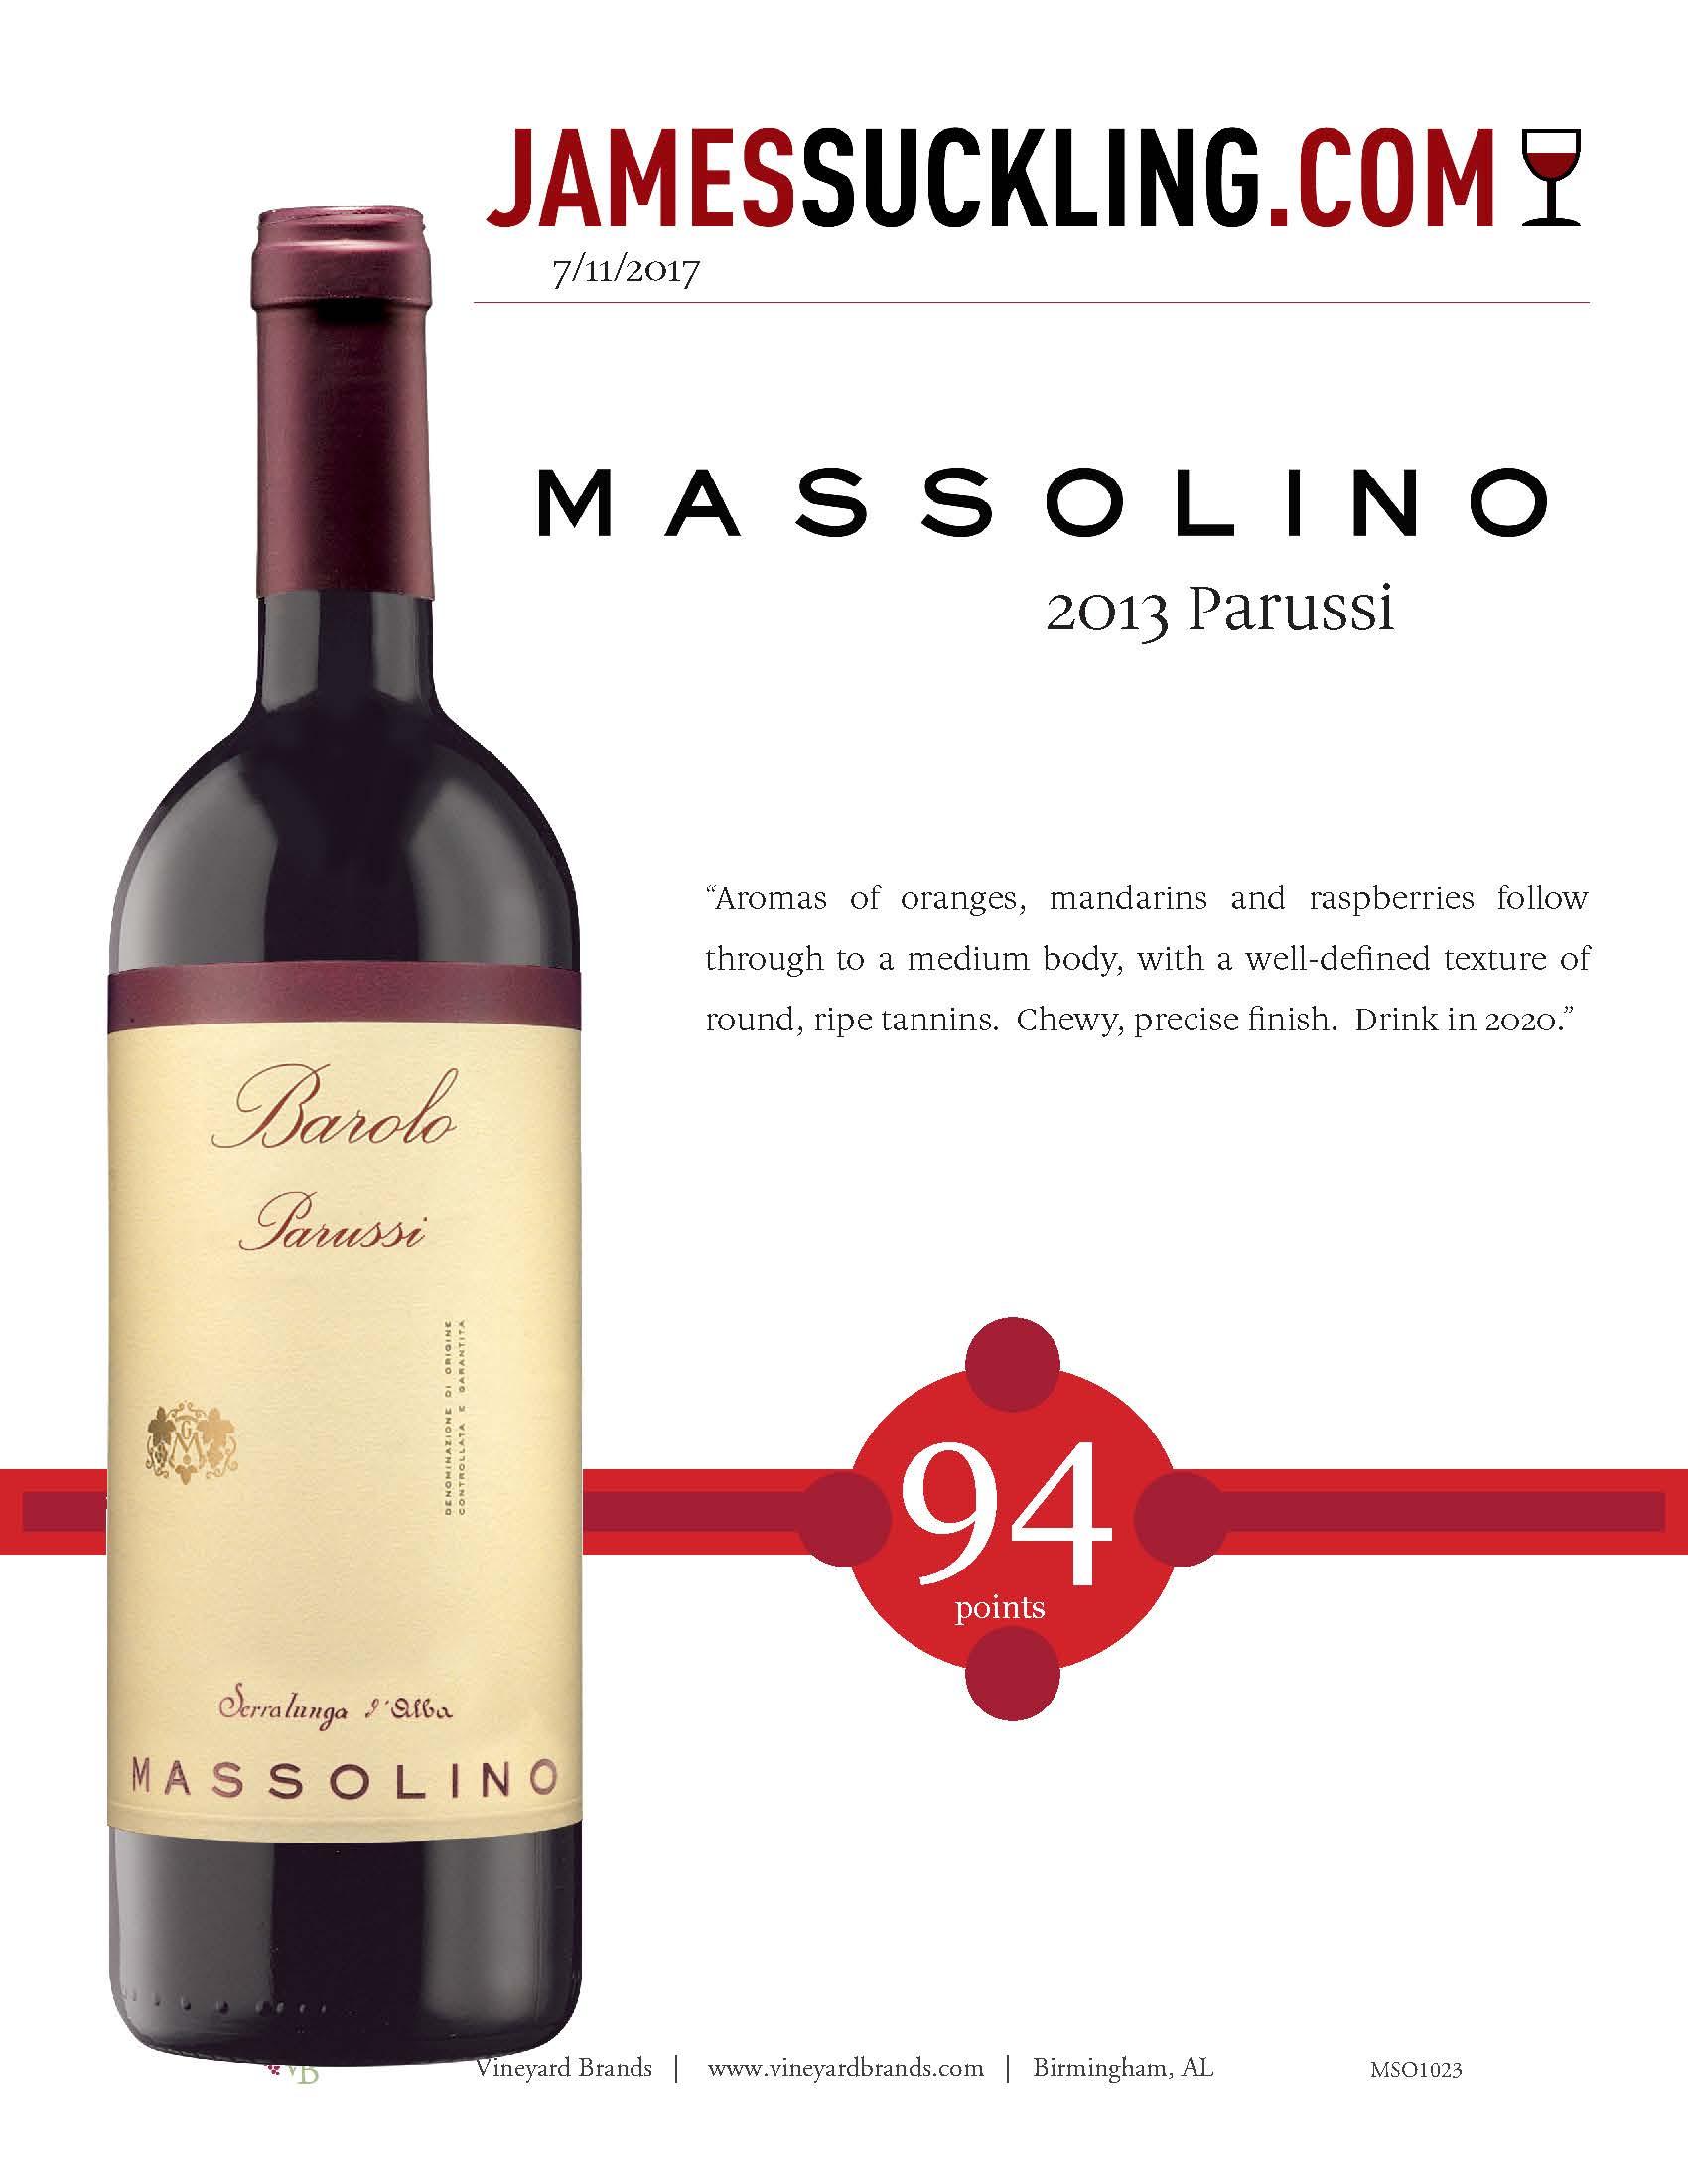 Massolino 2013 Parussi.jpg